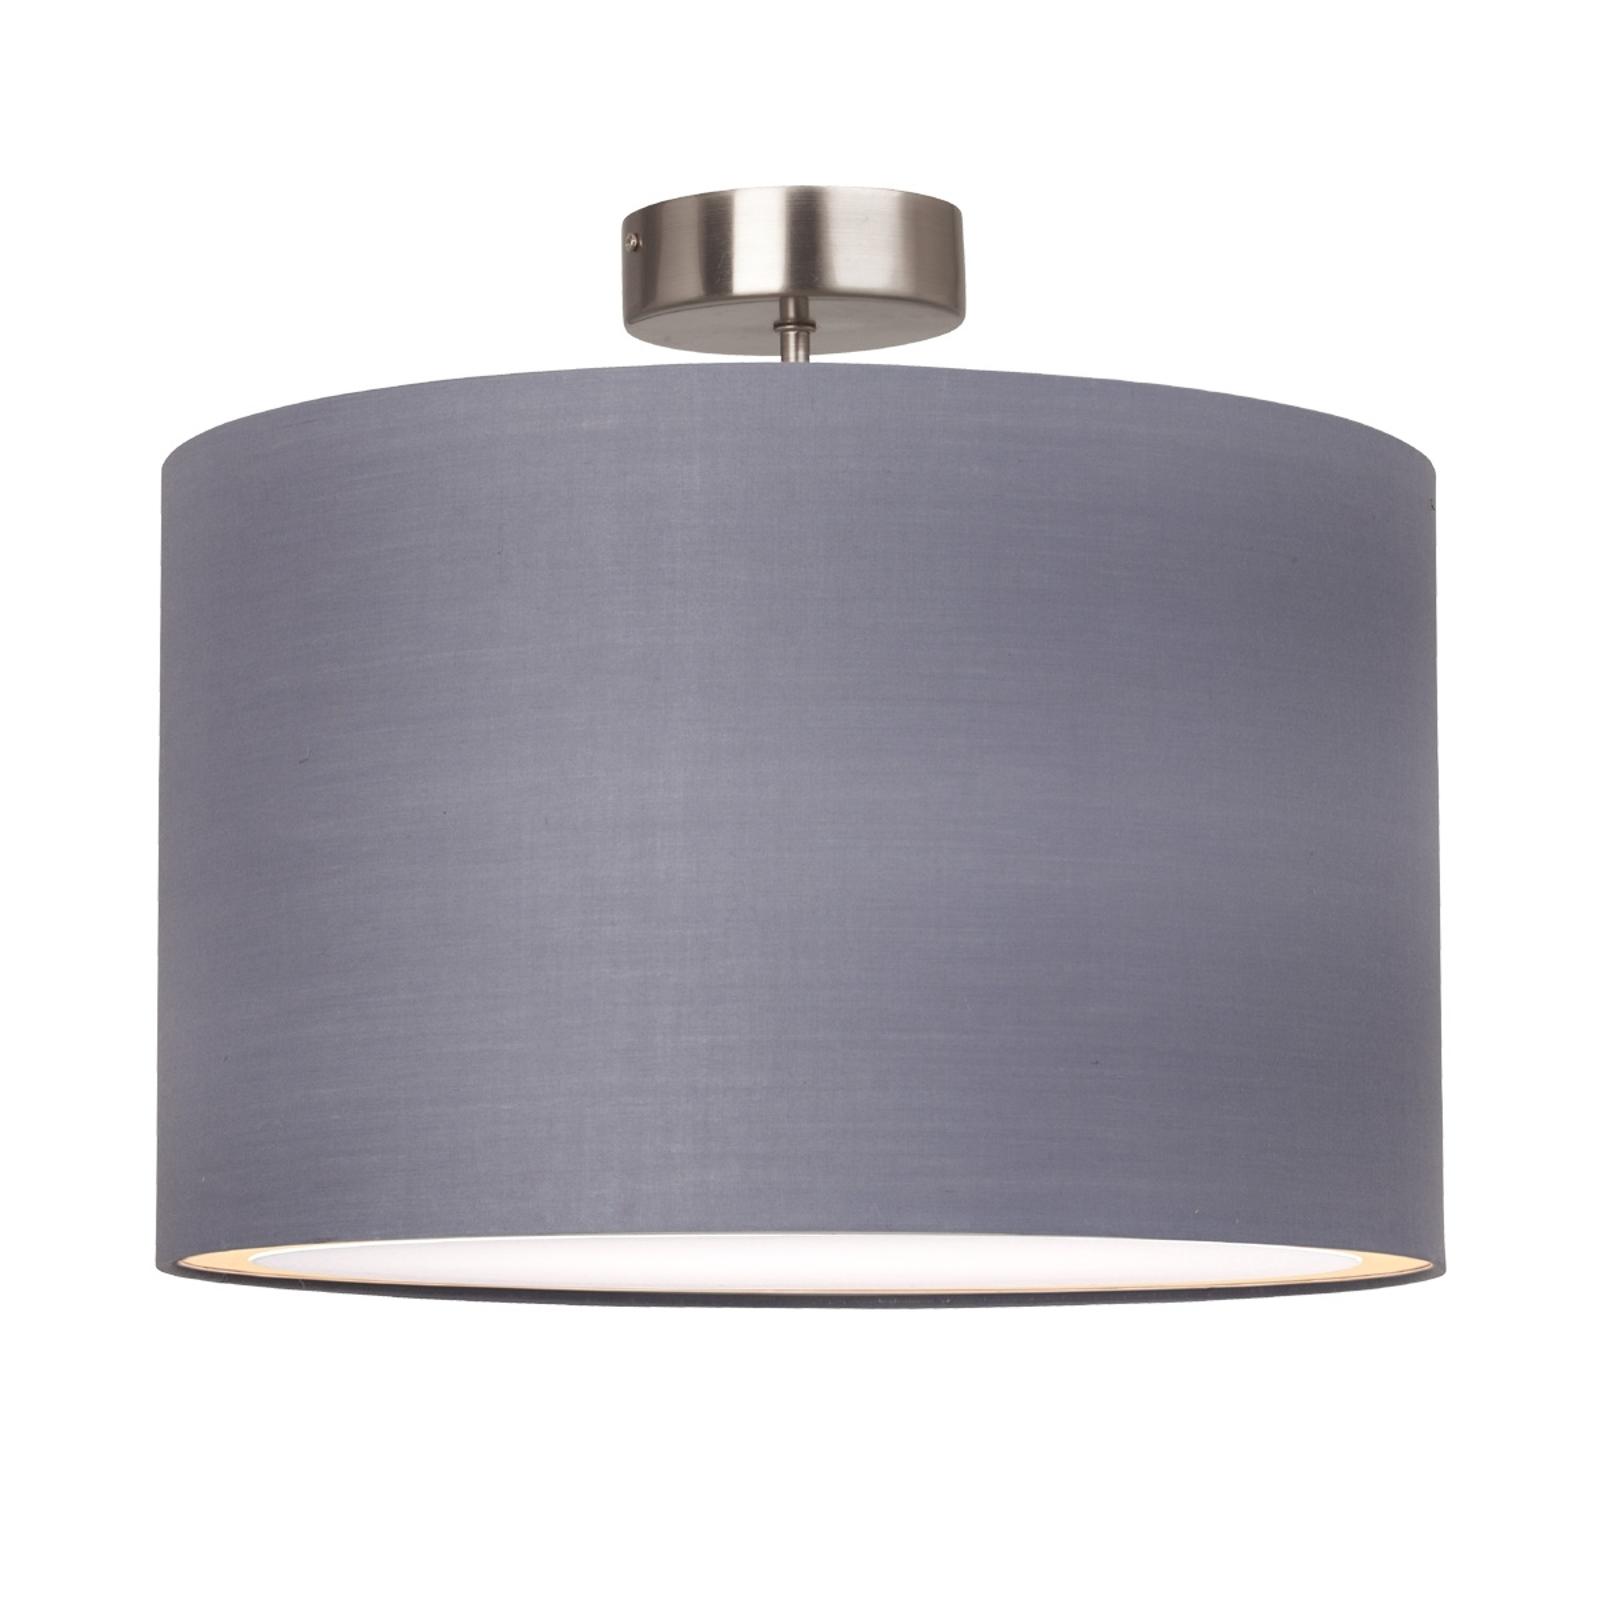 Eenvoudige plafondlamp CLARIE, grijs